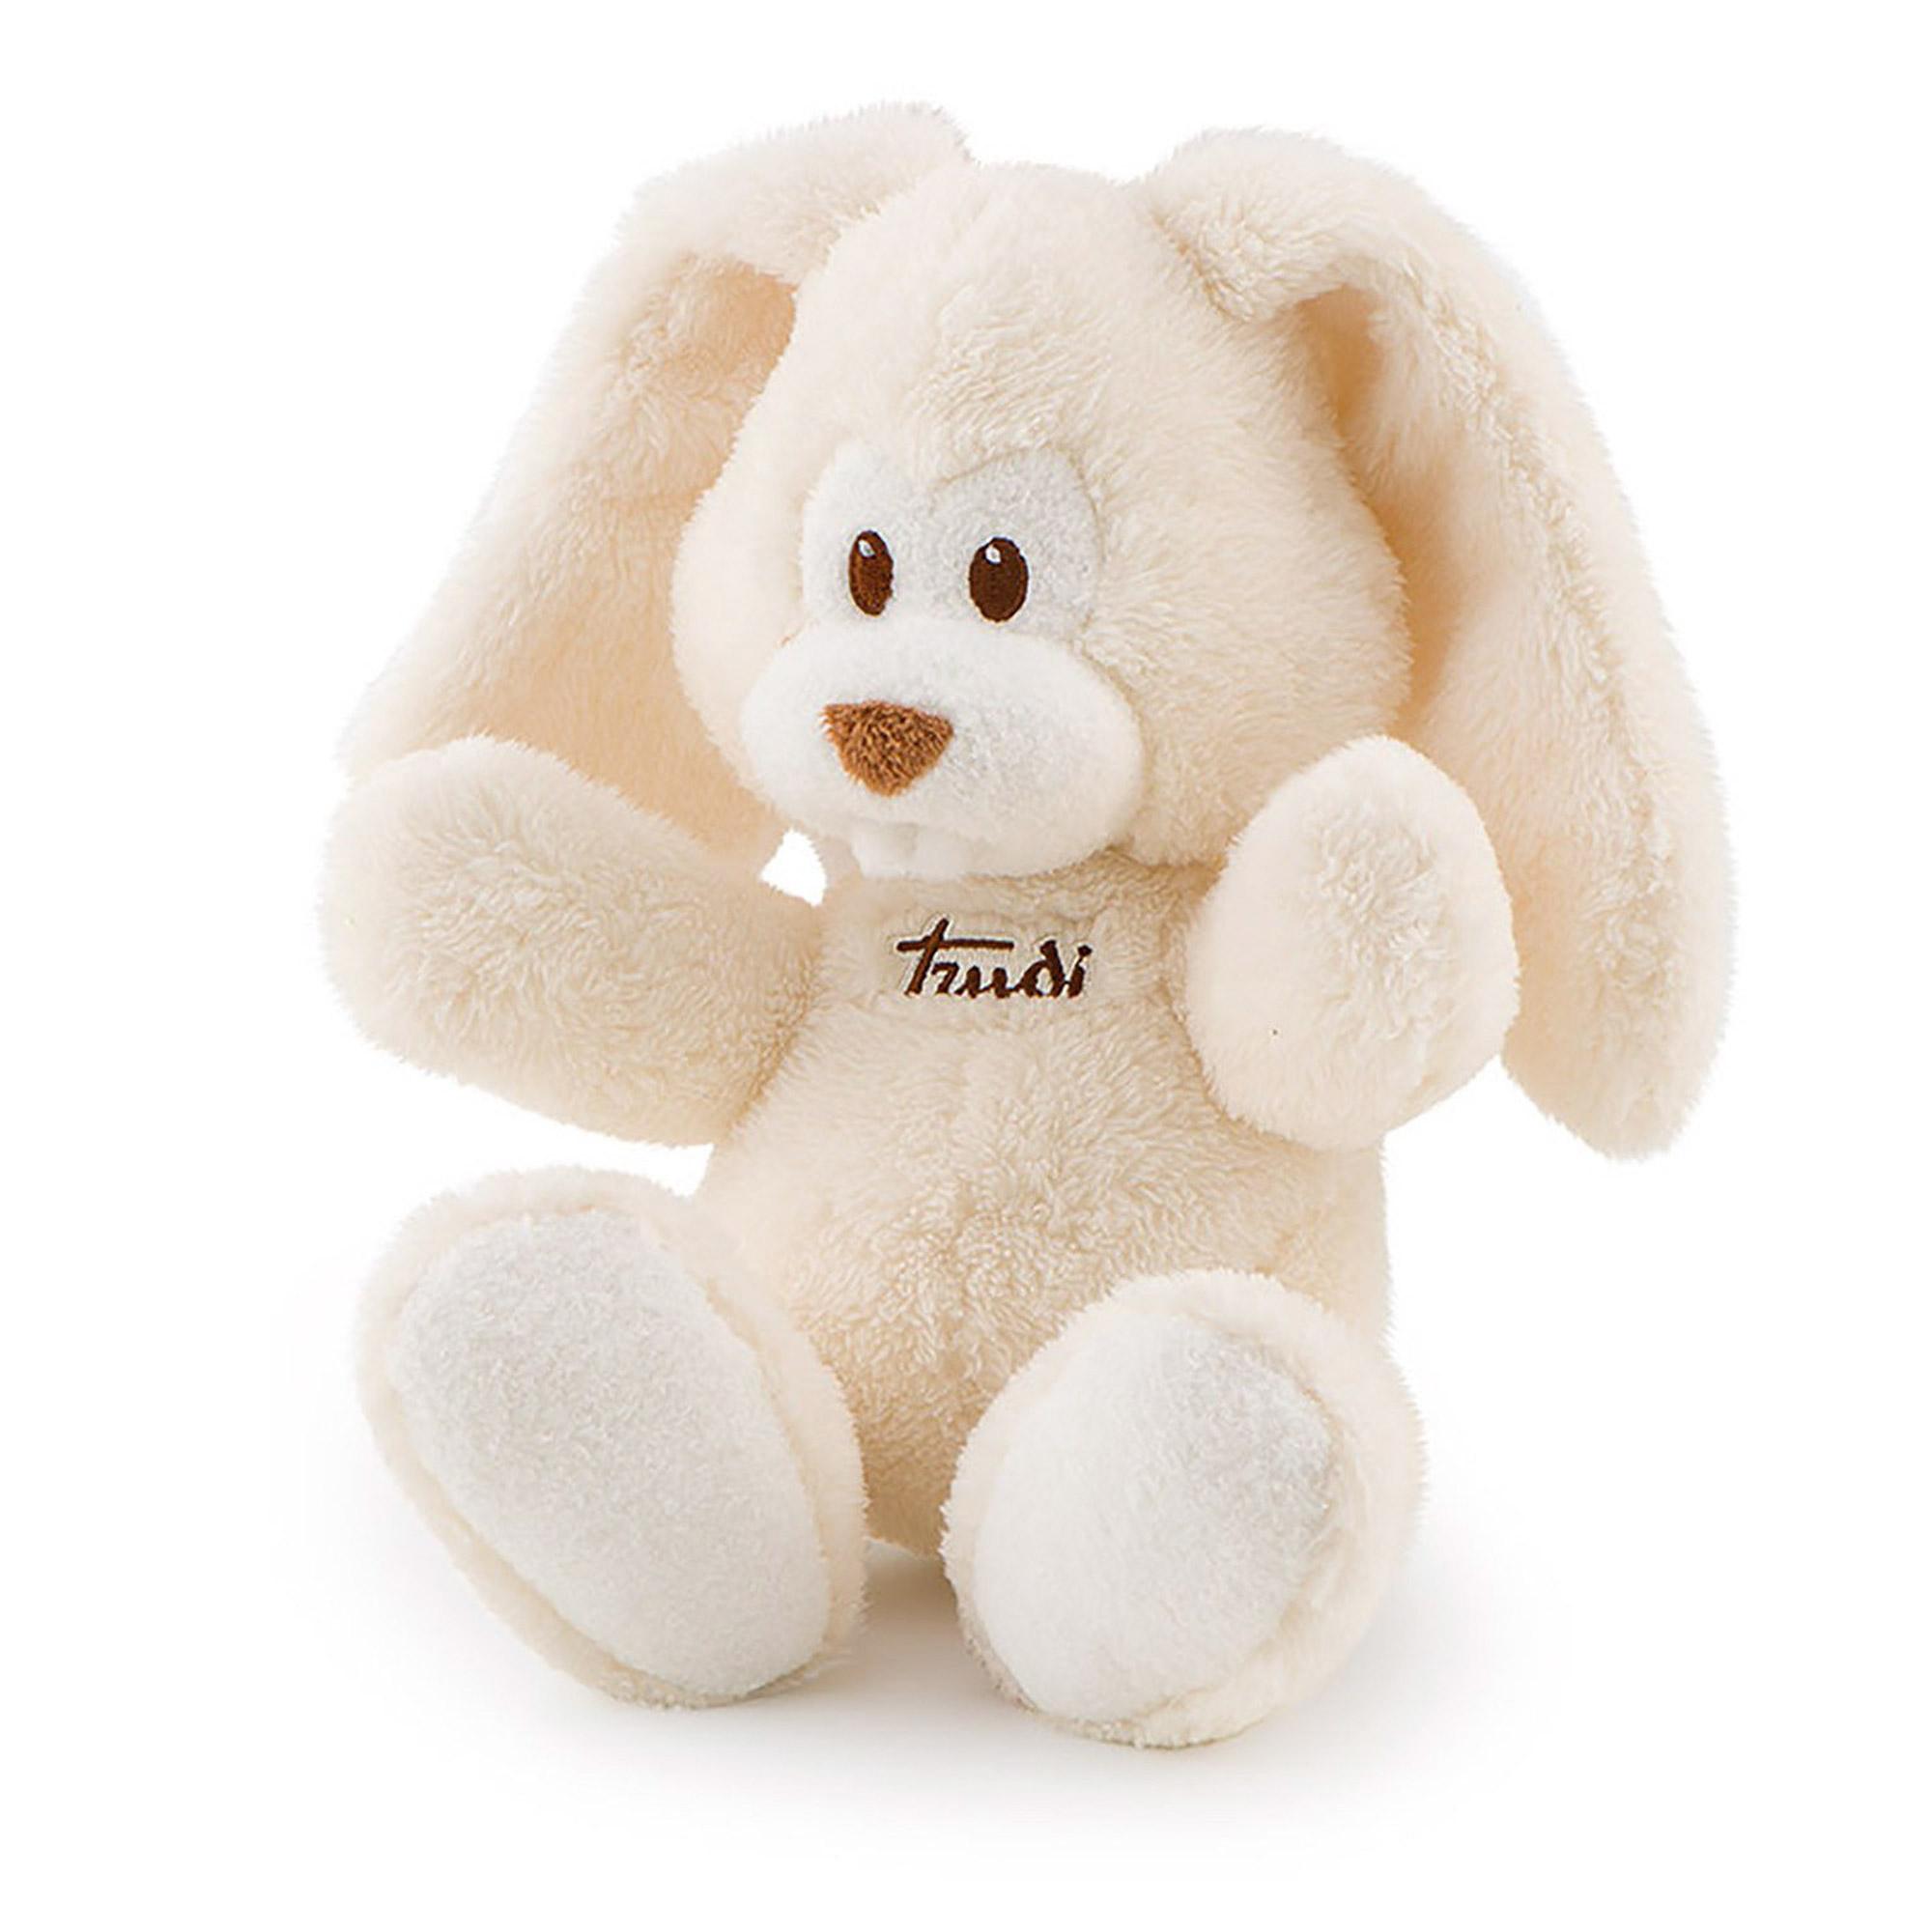 Игрушка мягкая Trudi Заяц Вирджилио Кремовый мягкая игрушка trudi заяц белый 28 см